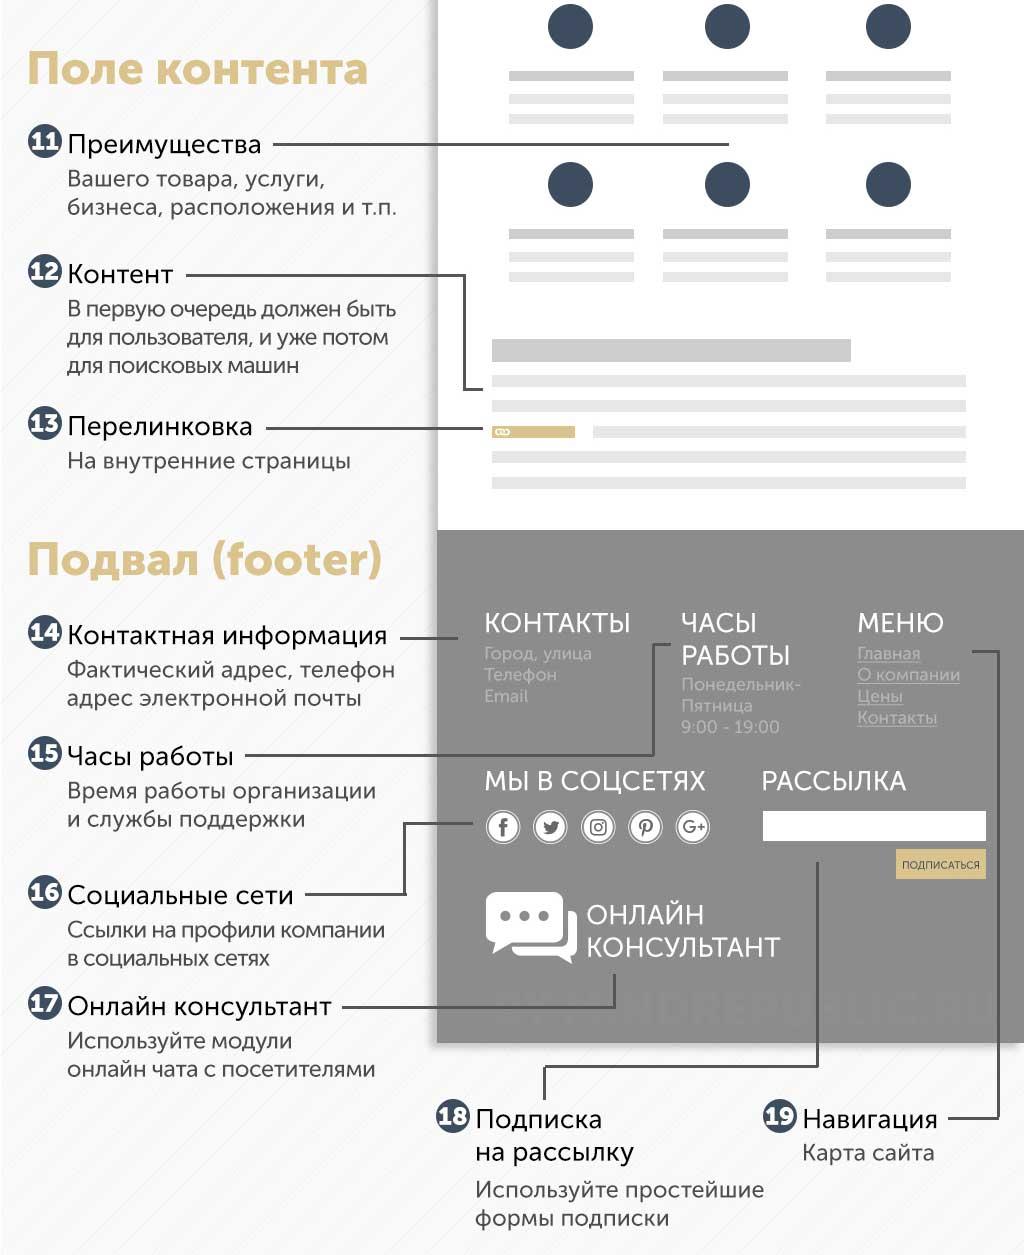 Инфографика про дизайн сайтов в Москве Разработка веб-дизайна сайта